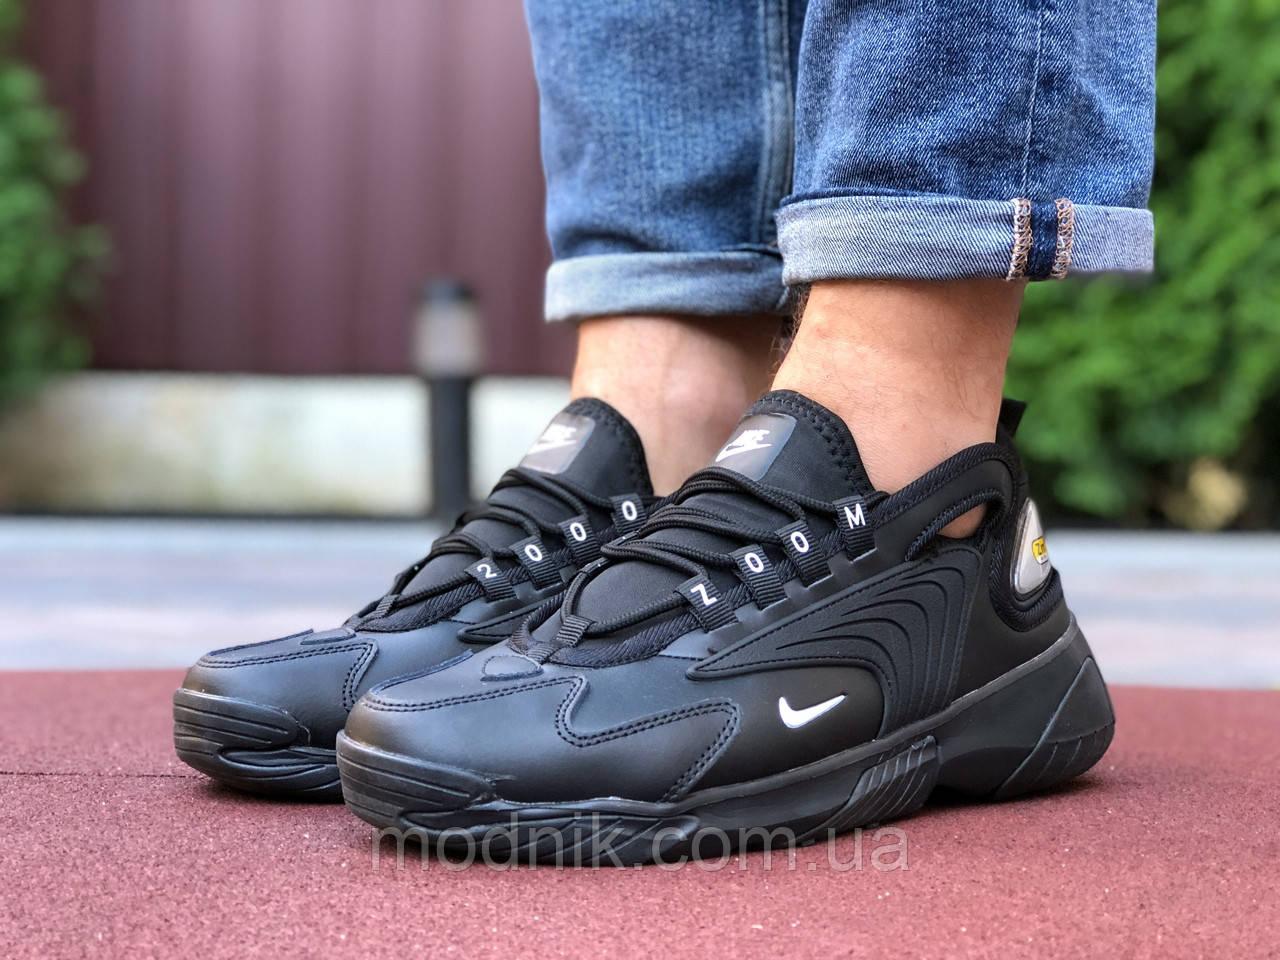 Мужские кроссовки Nike Zoom 2K (черные) 9822